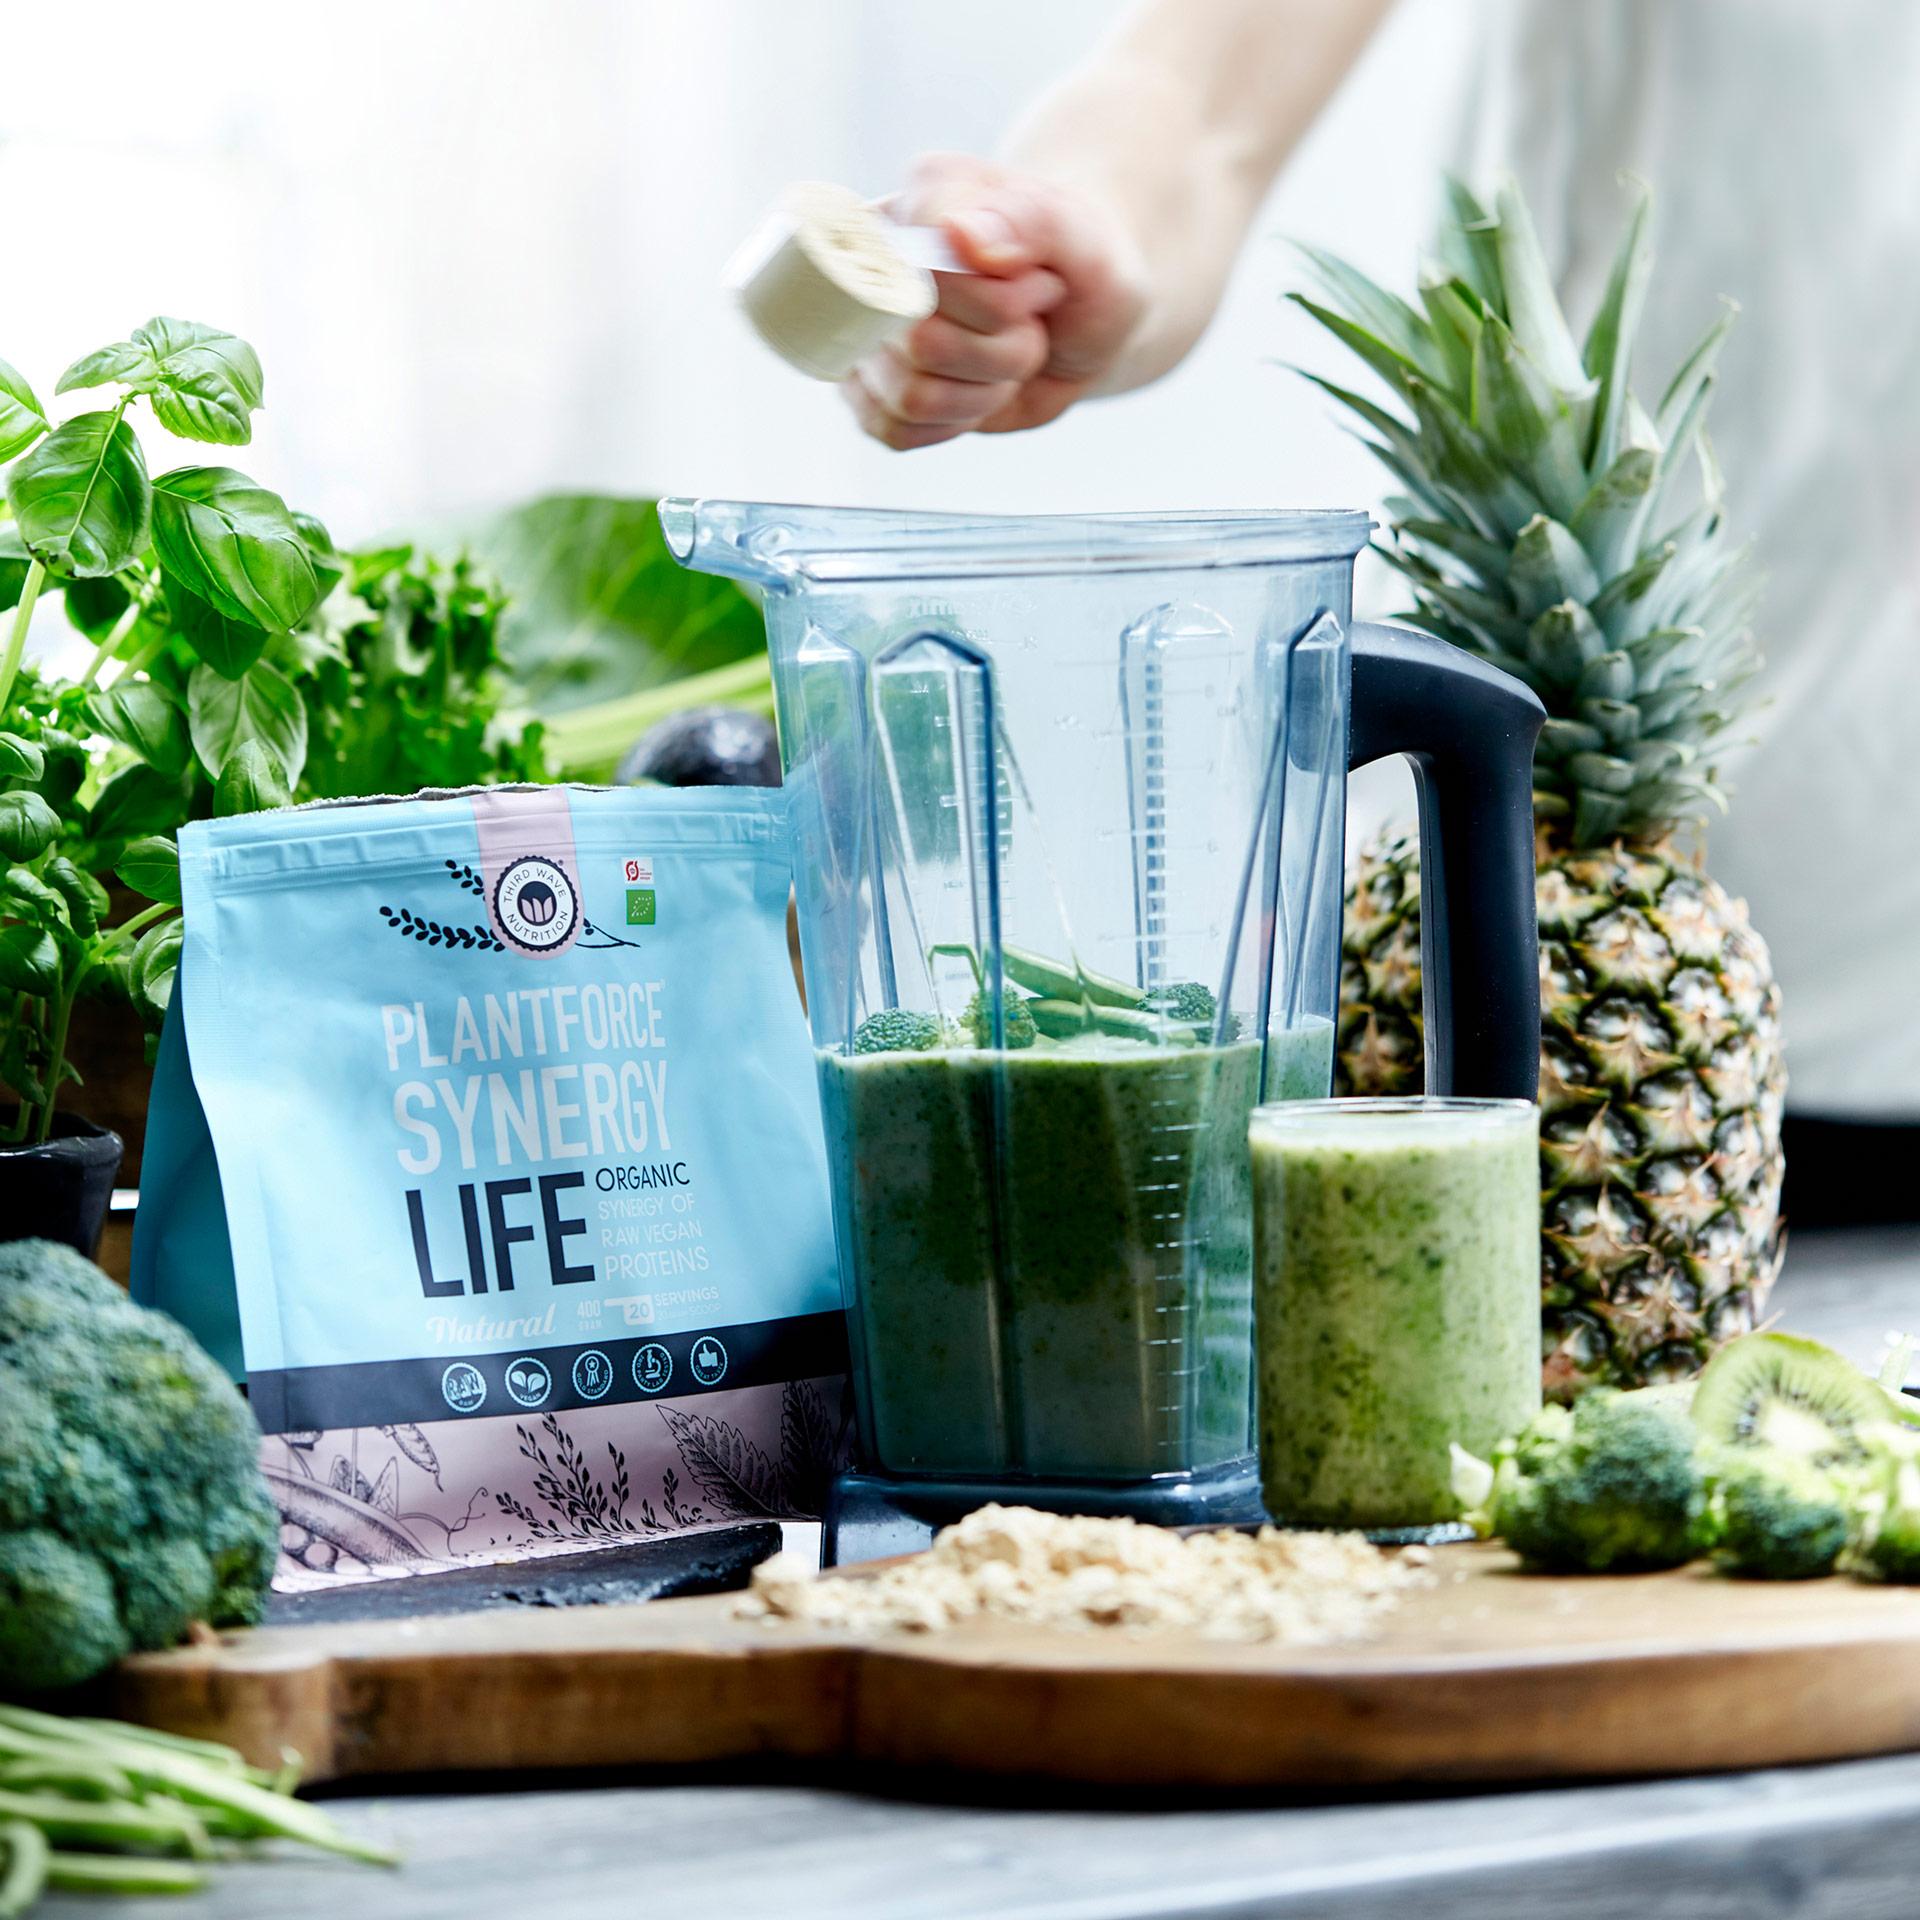 Proteinpulver von Plantforce Synergy Life vegan und in Bio-Qualität